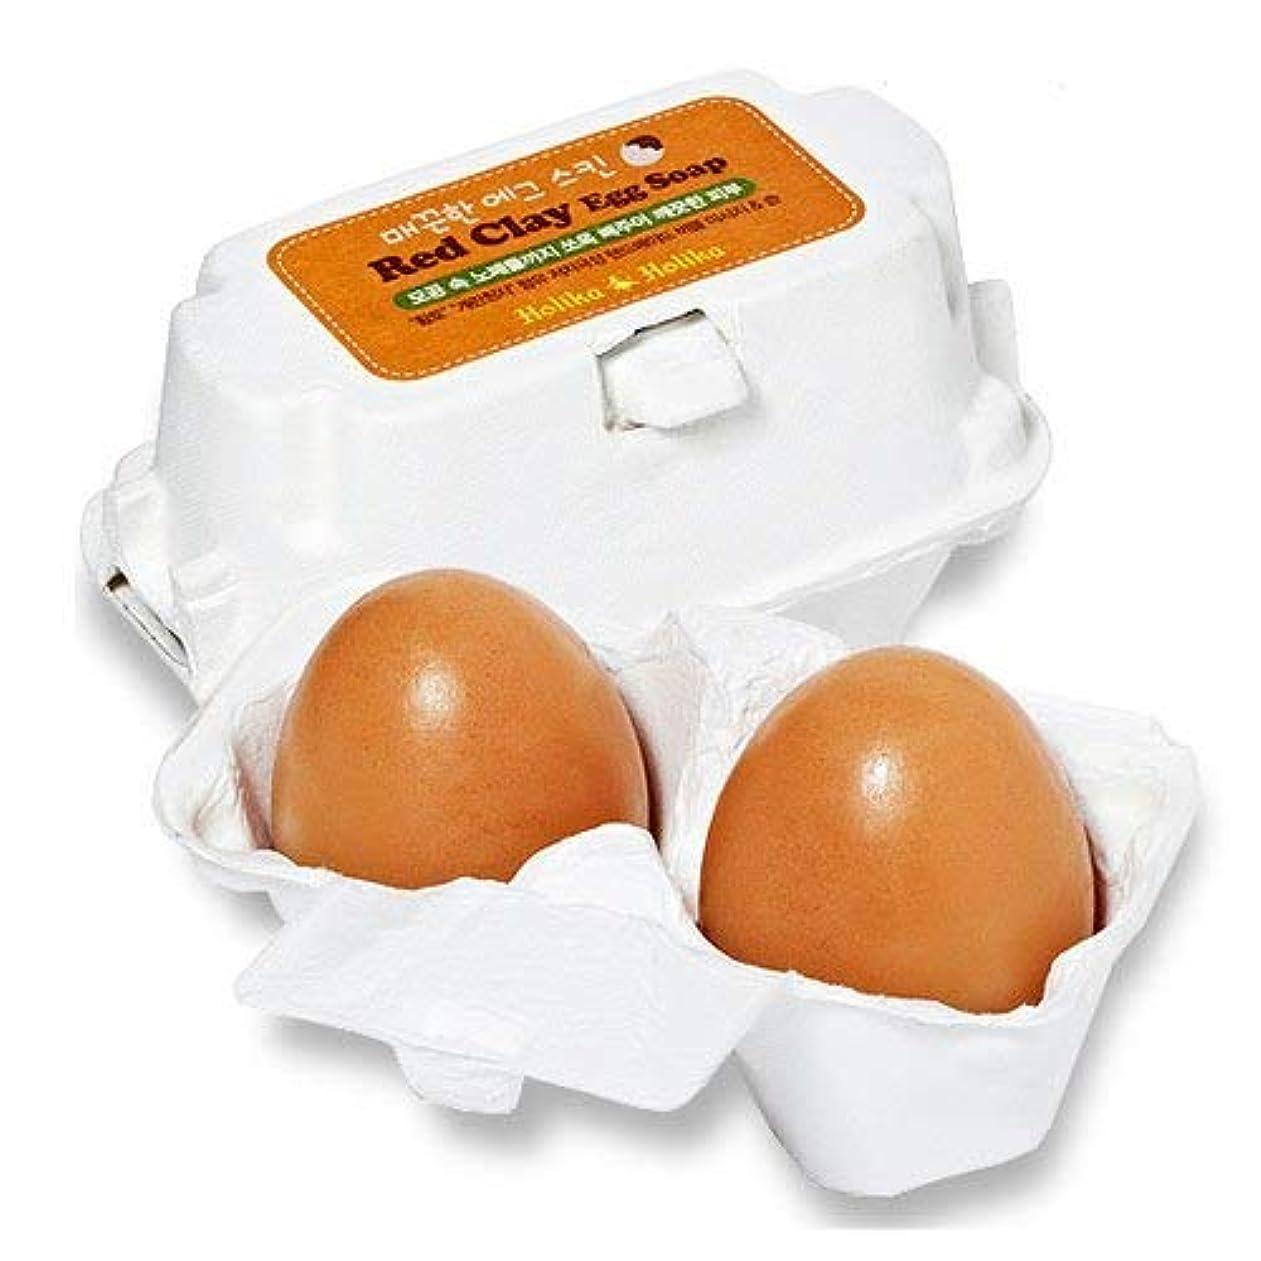 強度ラフメモ[黄土/Red Clay] Holika Holika Egg Skin Egg Soap ホリカホリカ エッグスキン エッグソープ (50g*2個) [並行輸入品]